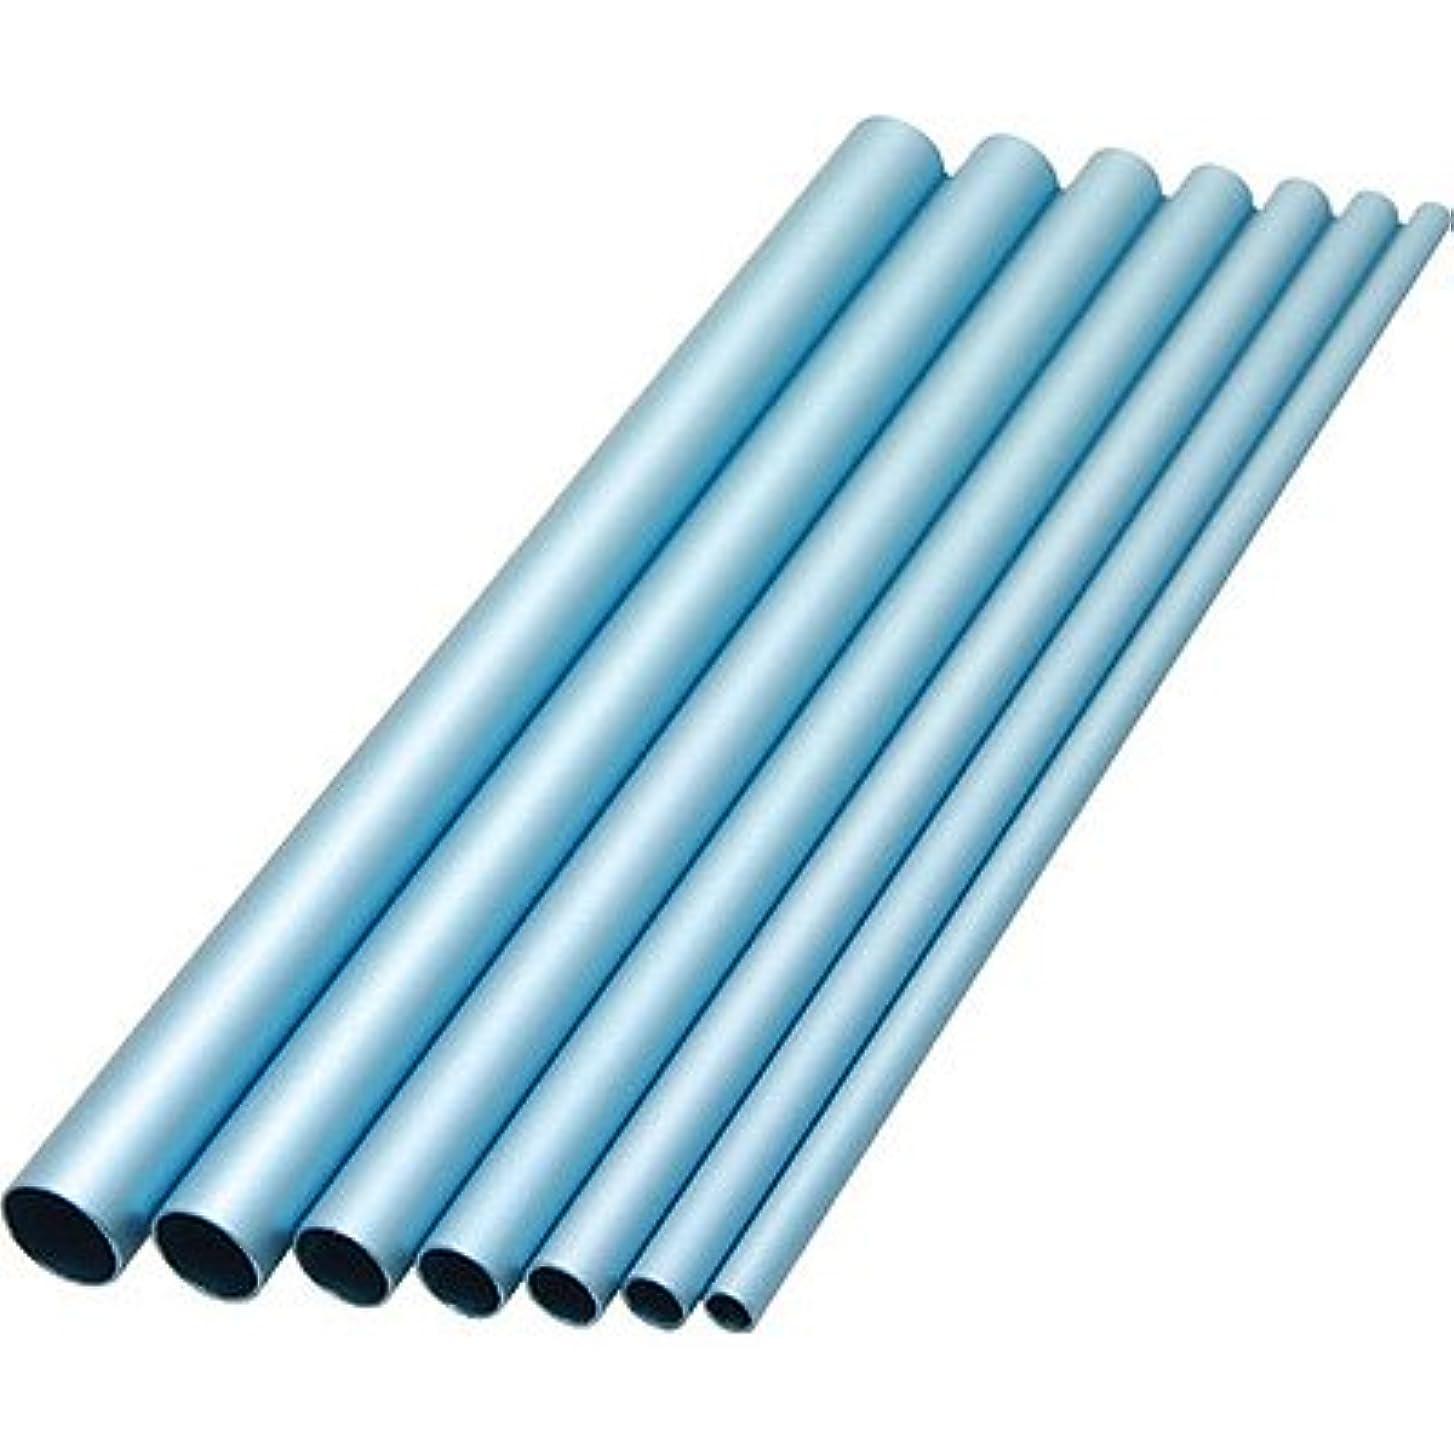 争いポイント三番SHAREYDVA コンバットスティック +(プラス) ブルー 63144